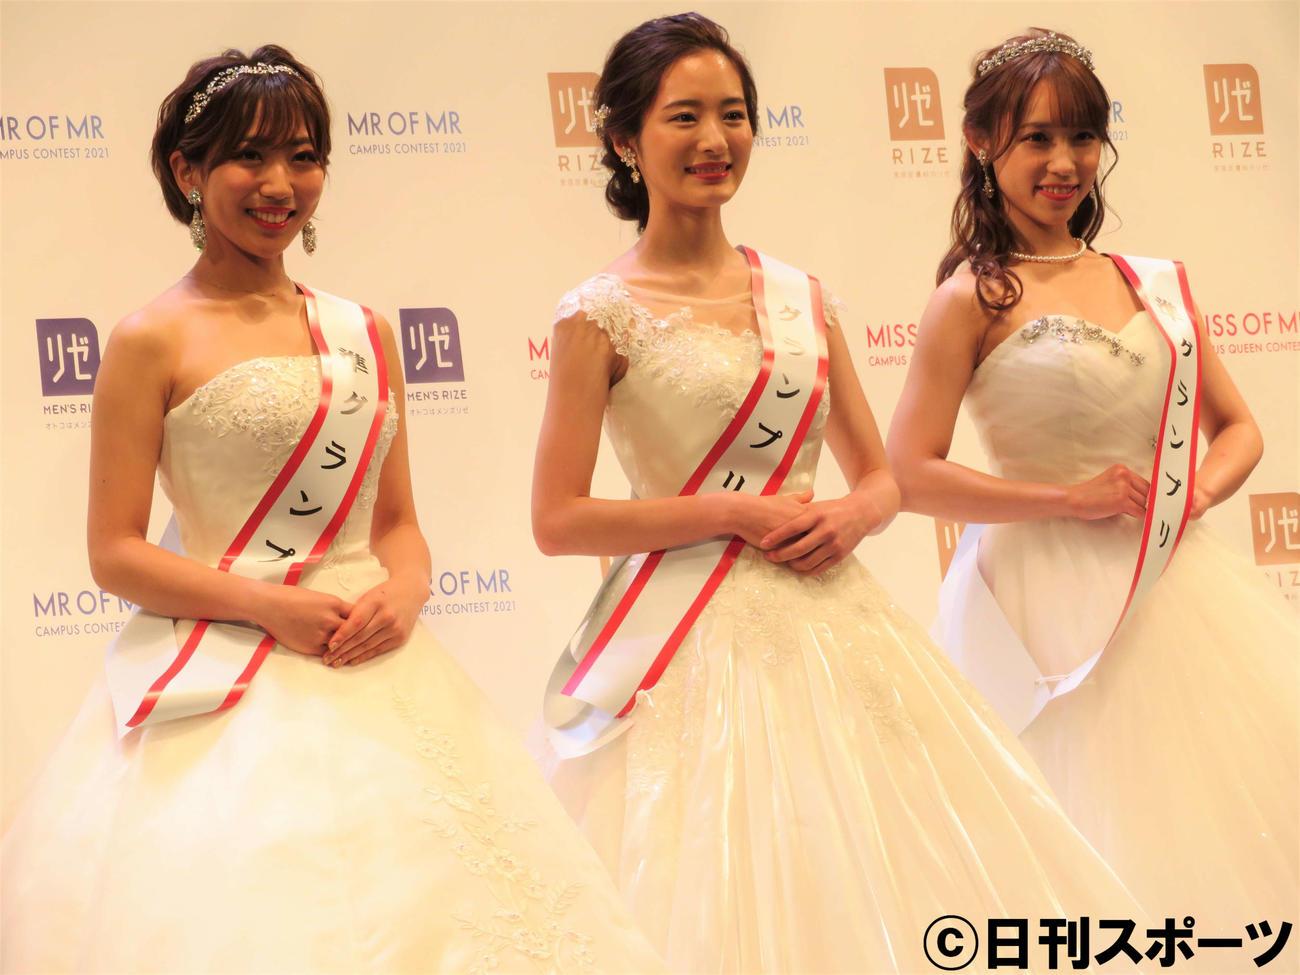 グランプリを受賞した神谷明采さん(真ん中)と準グランプリを受賞した山本瑠香さん(右)と小川奏さん(左)(撮影・三須佳夏)